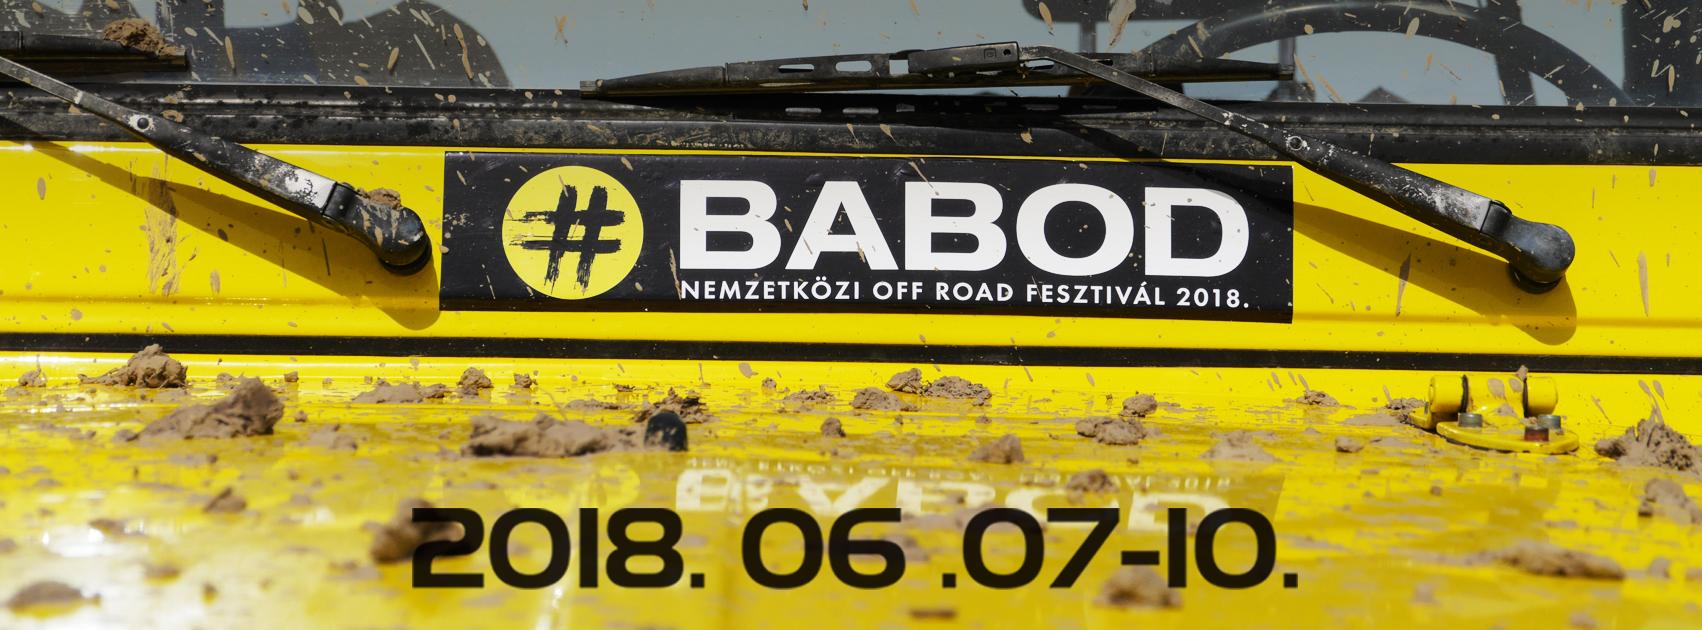 babod_off_road3.jpg